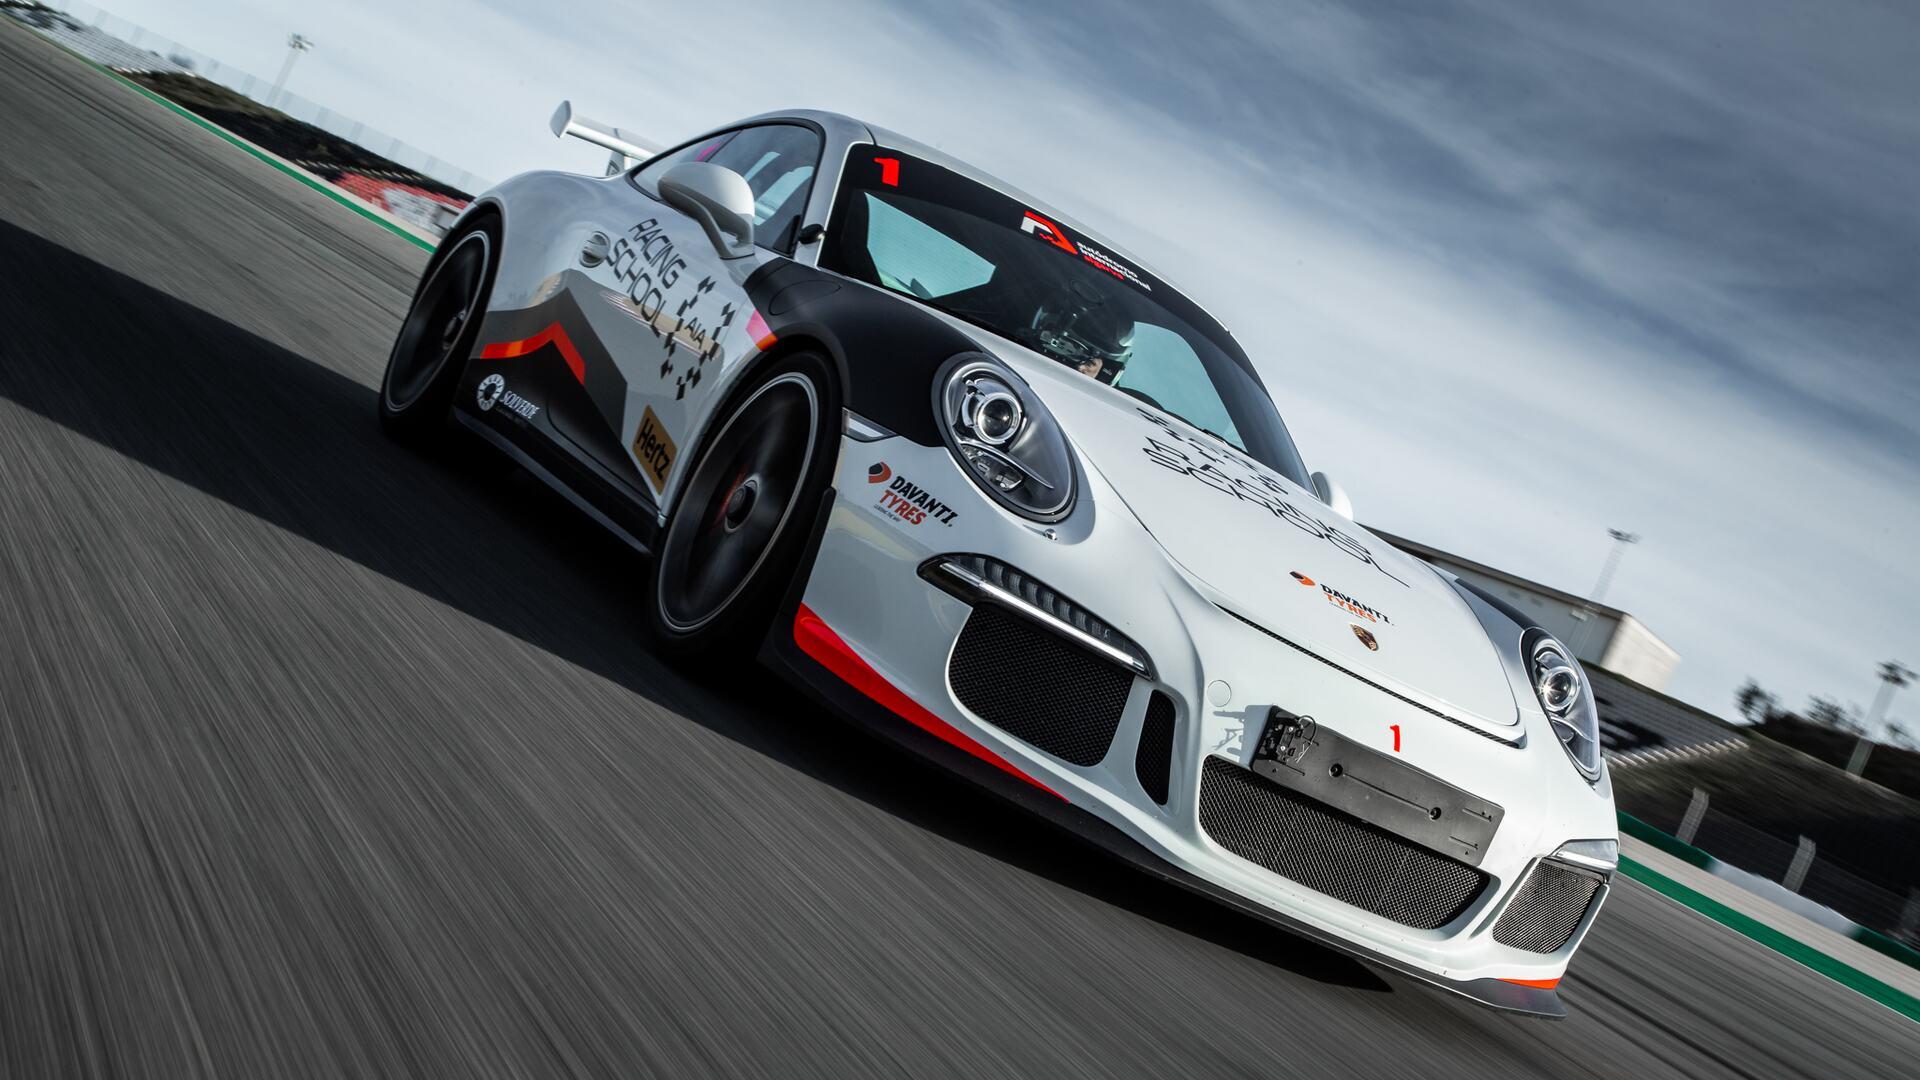 Autódromo Internacional do Algarve: Porsche car.